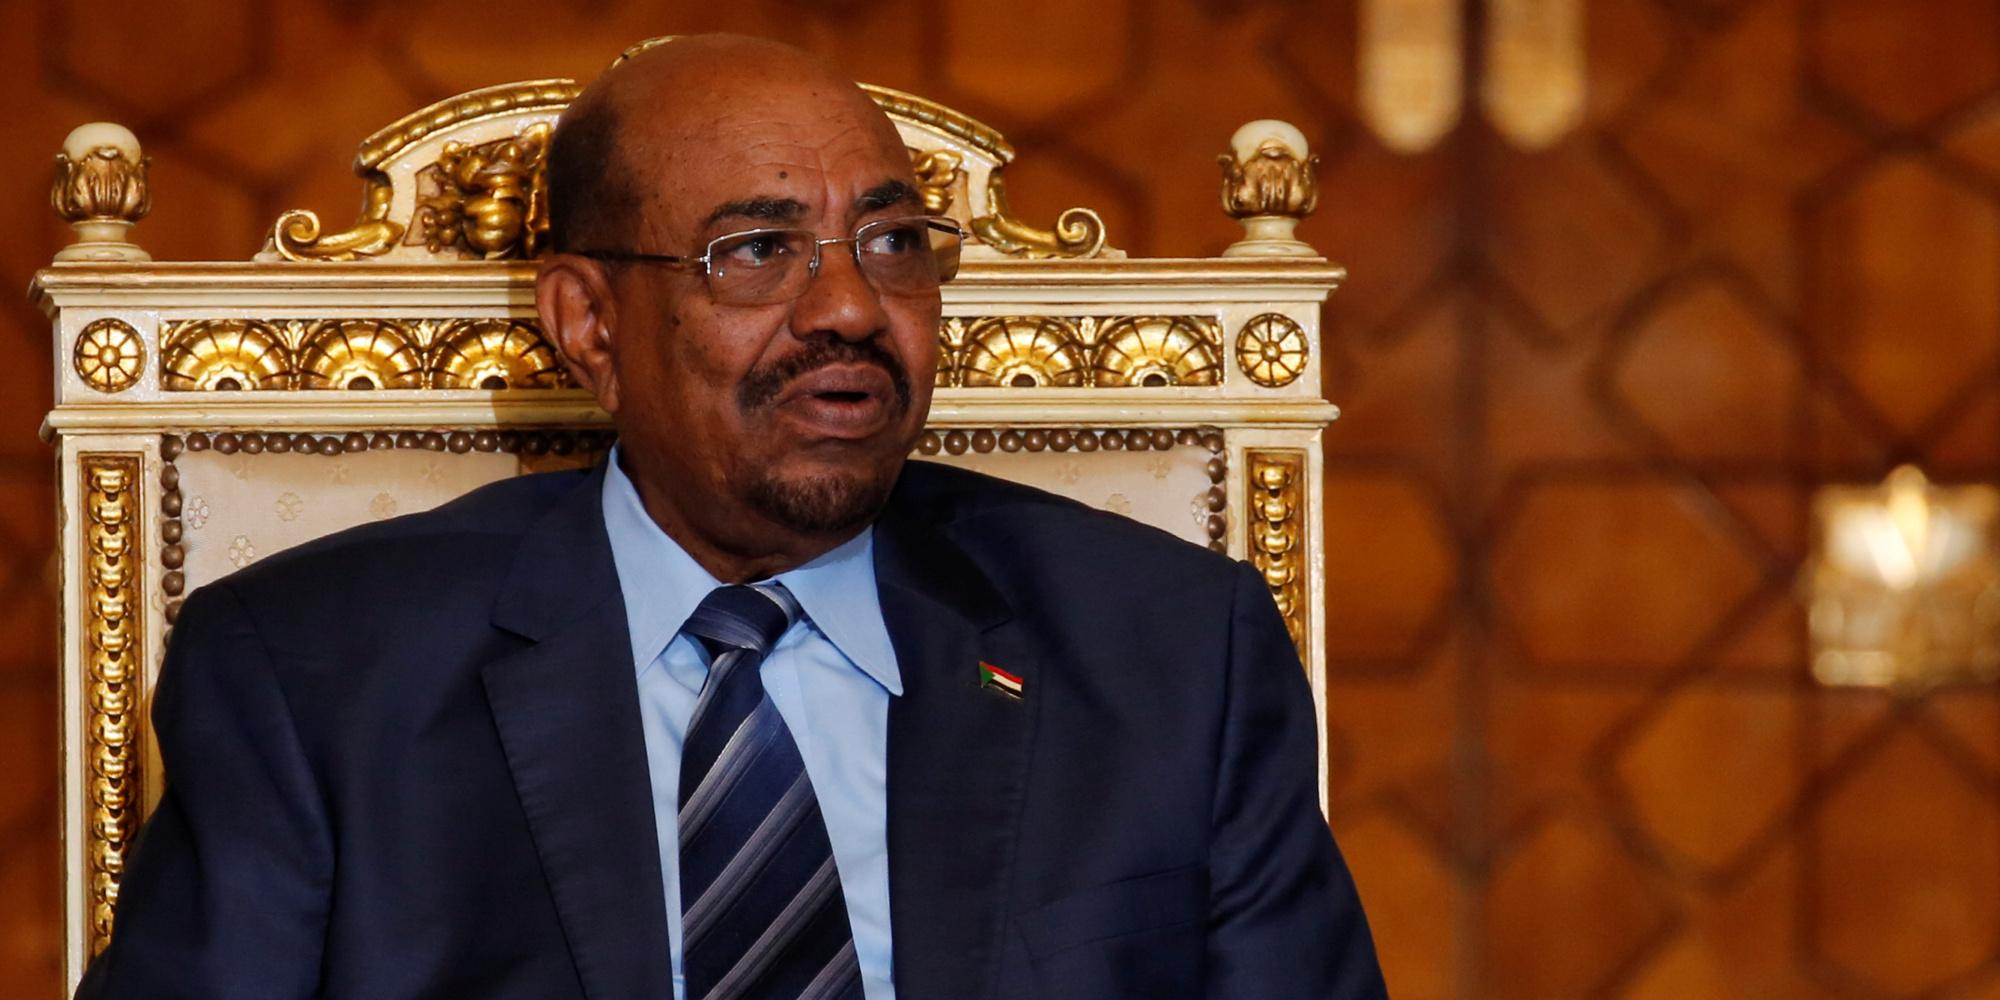 السودان يعلِّق على نبأ قيامه بترحيل قيادات مصرية من الإخوان المسلمين